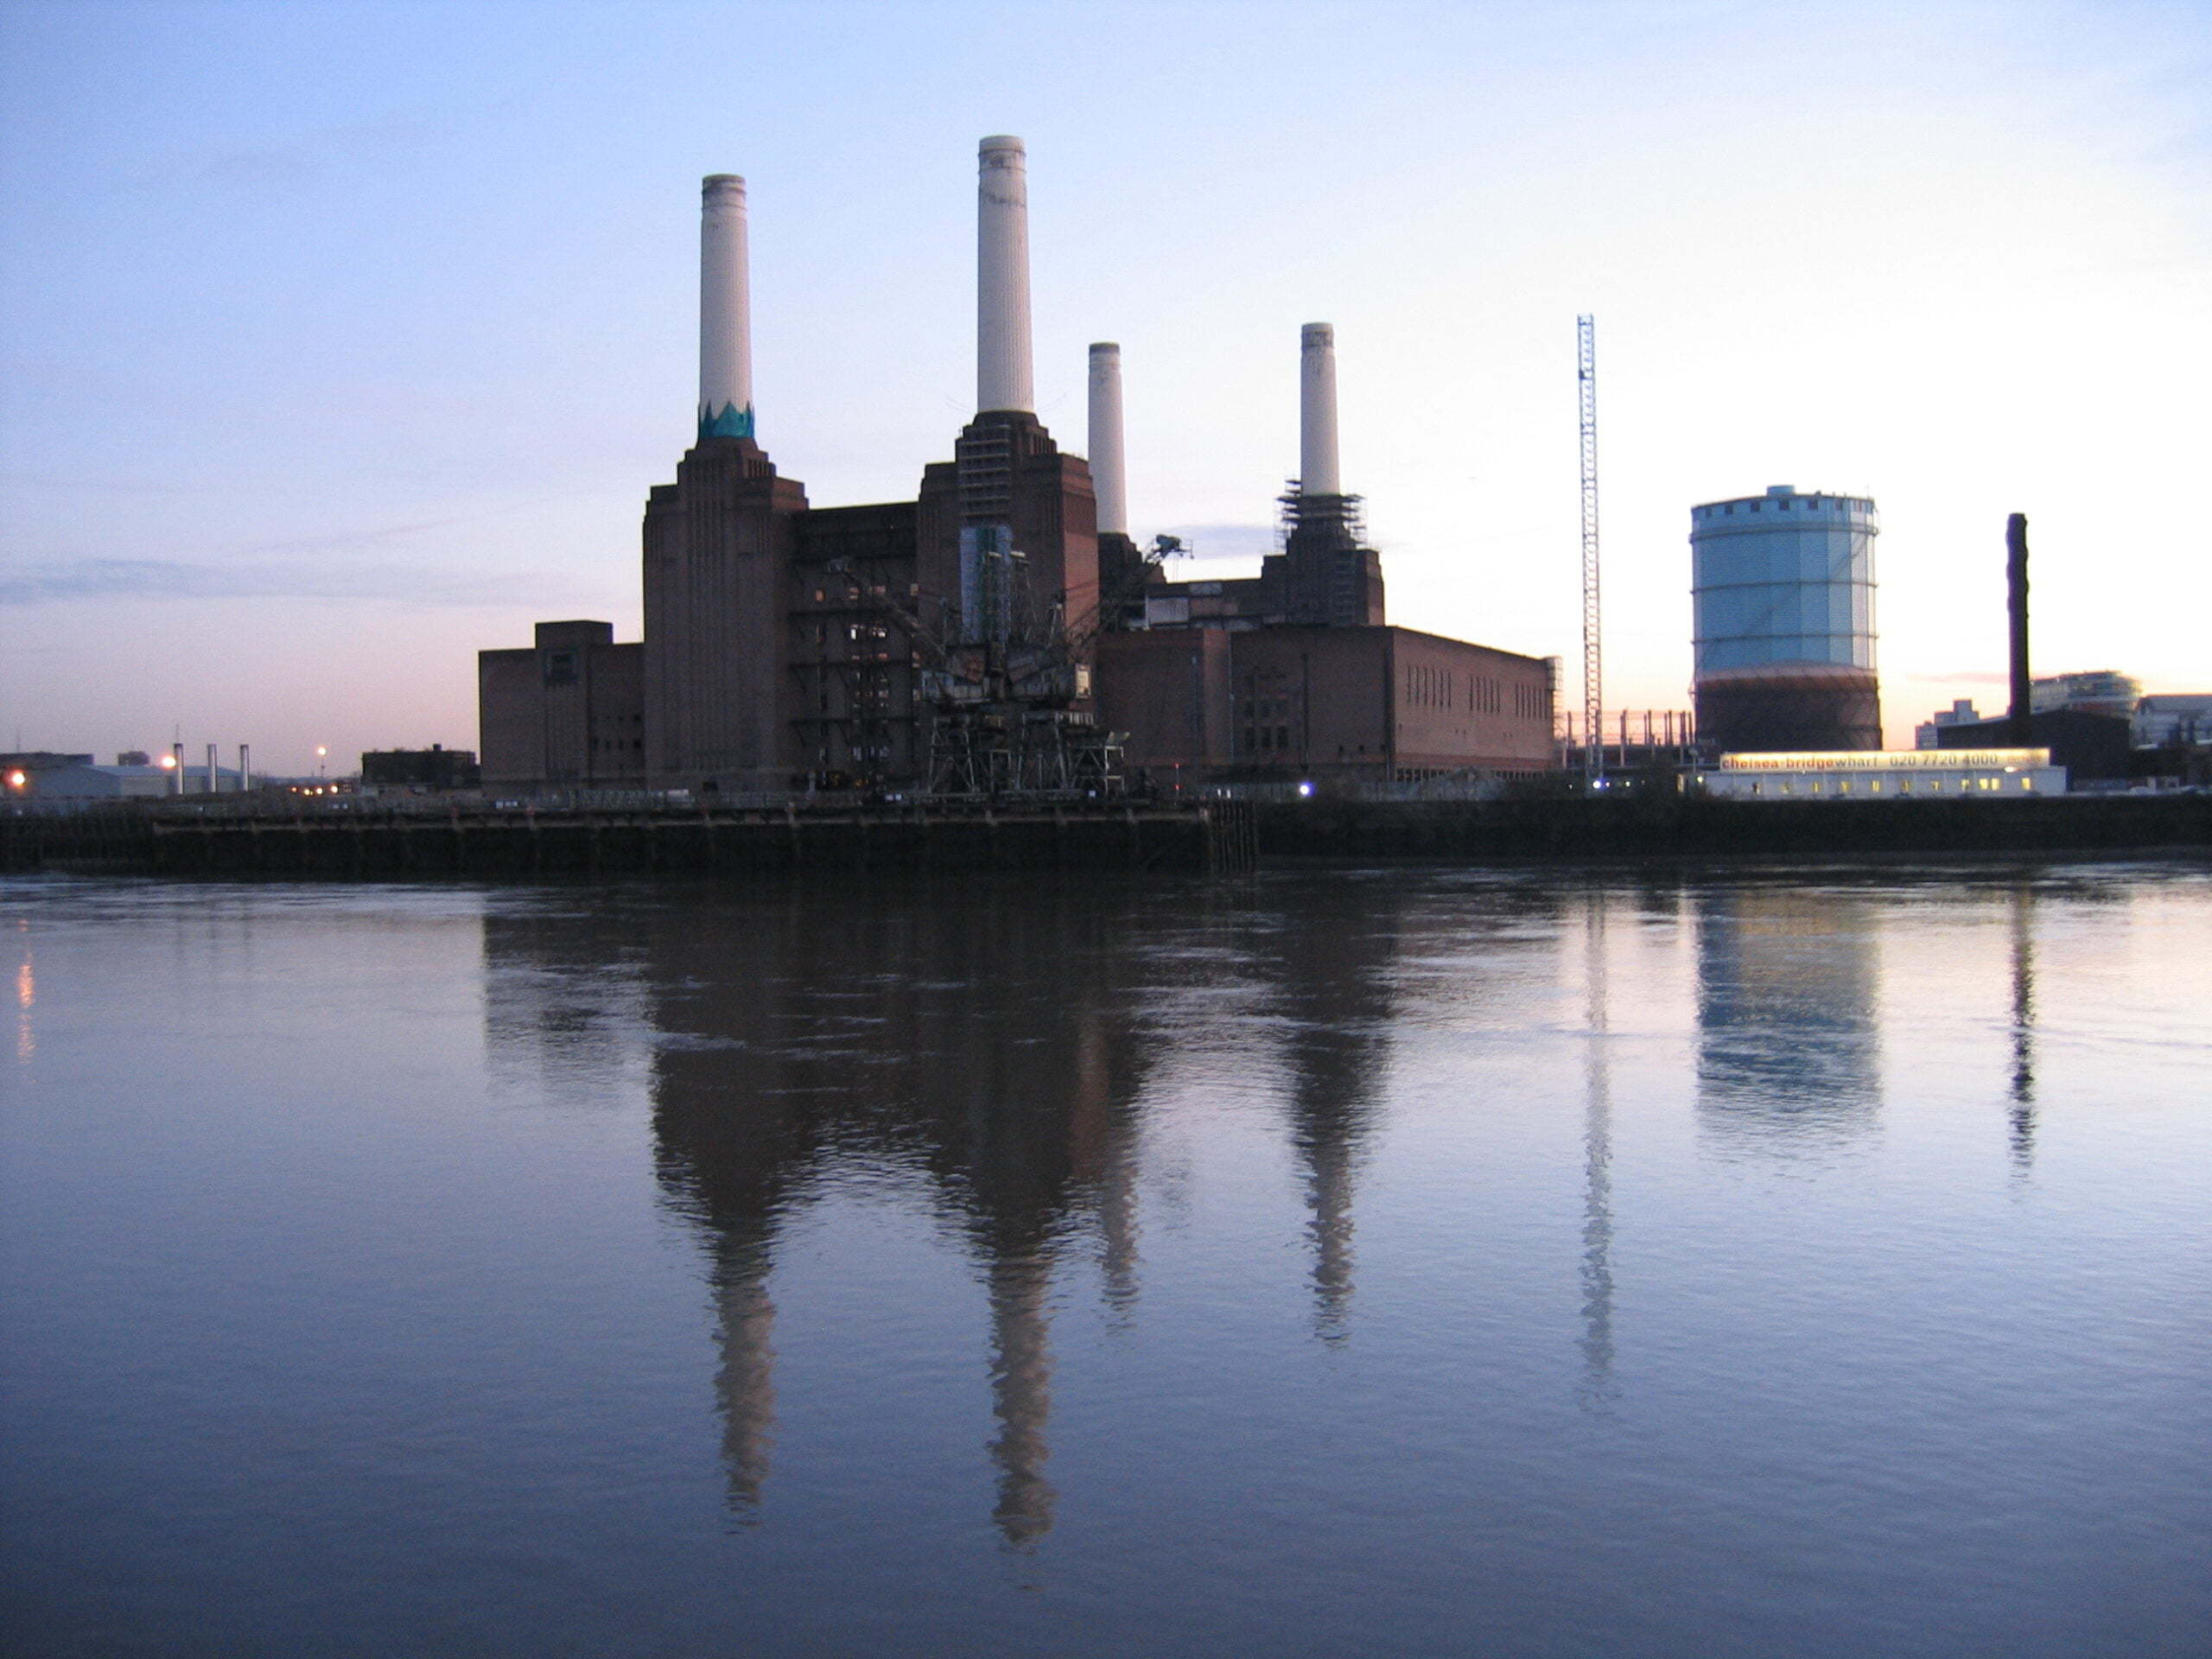 Elektrownia Battersea